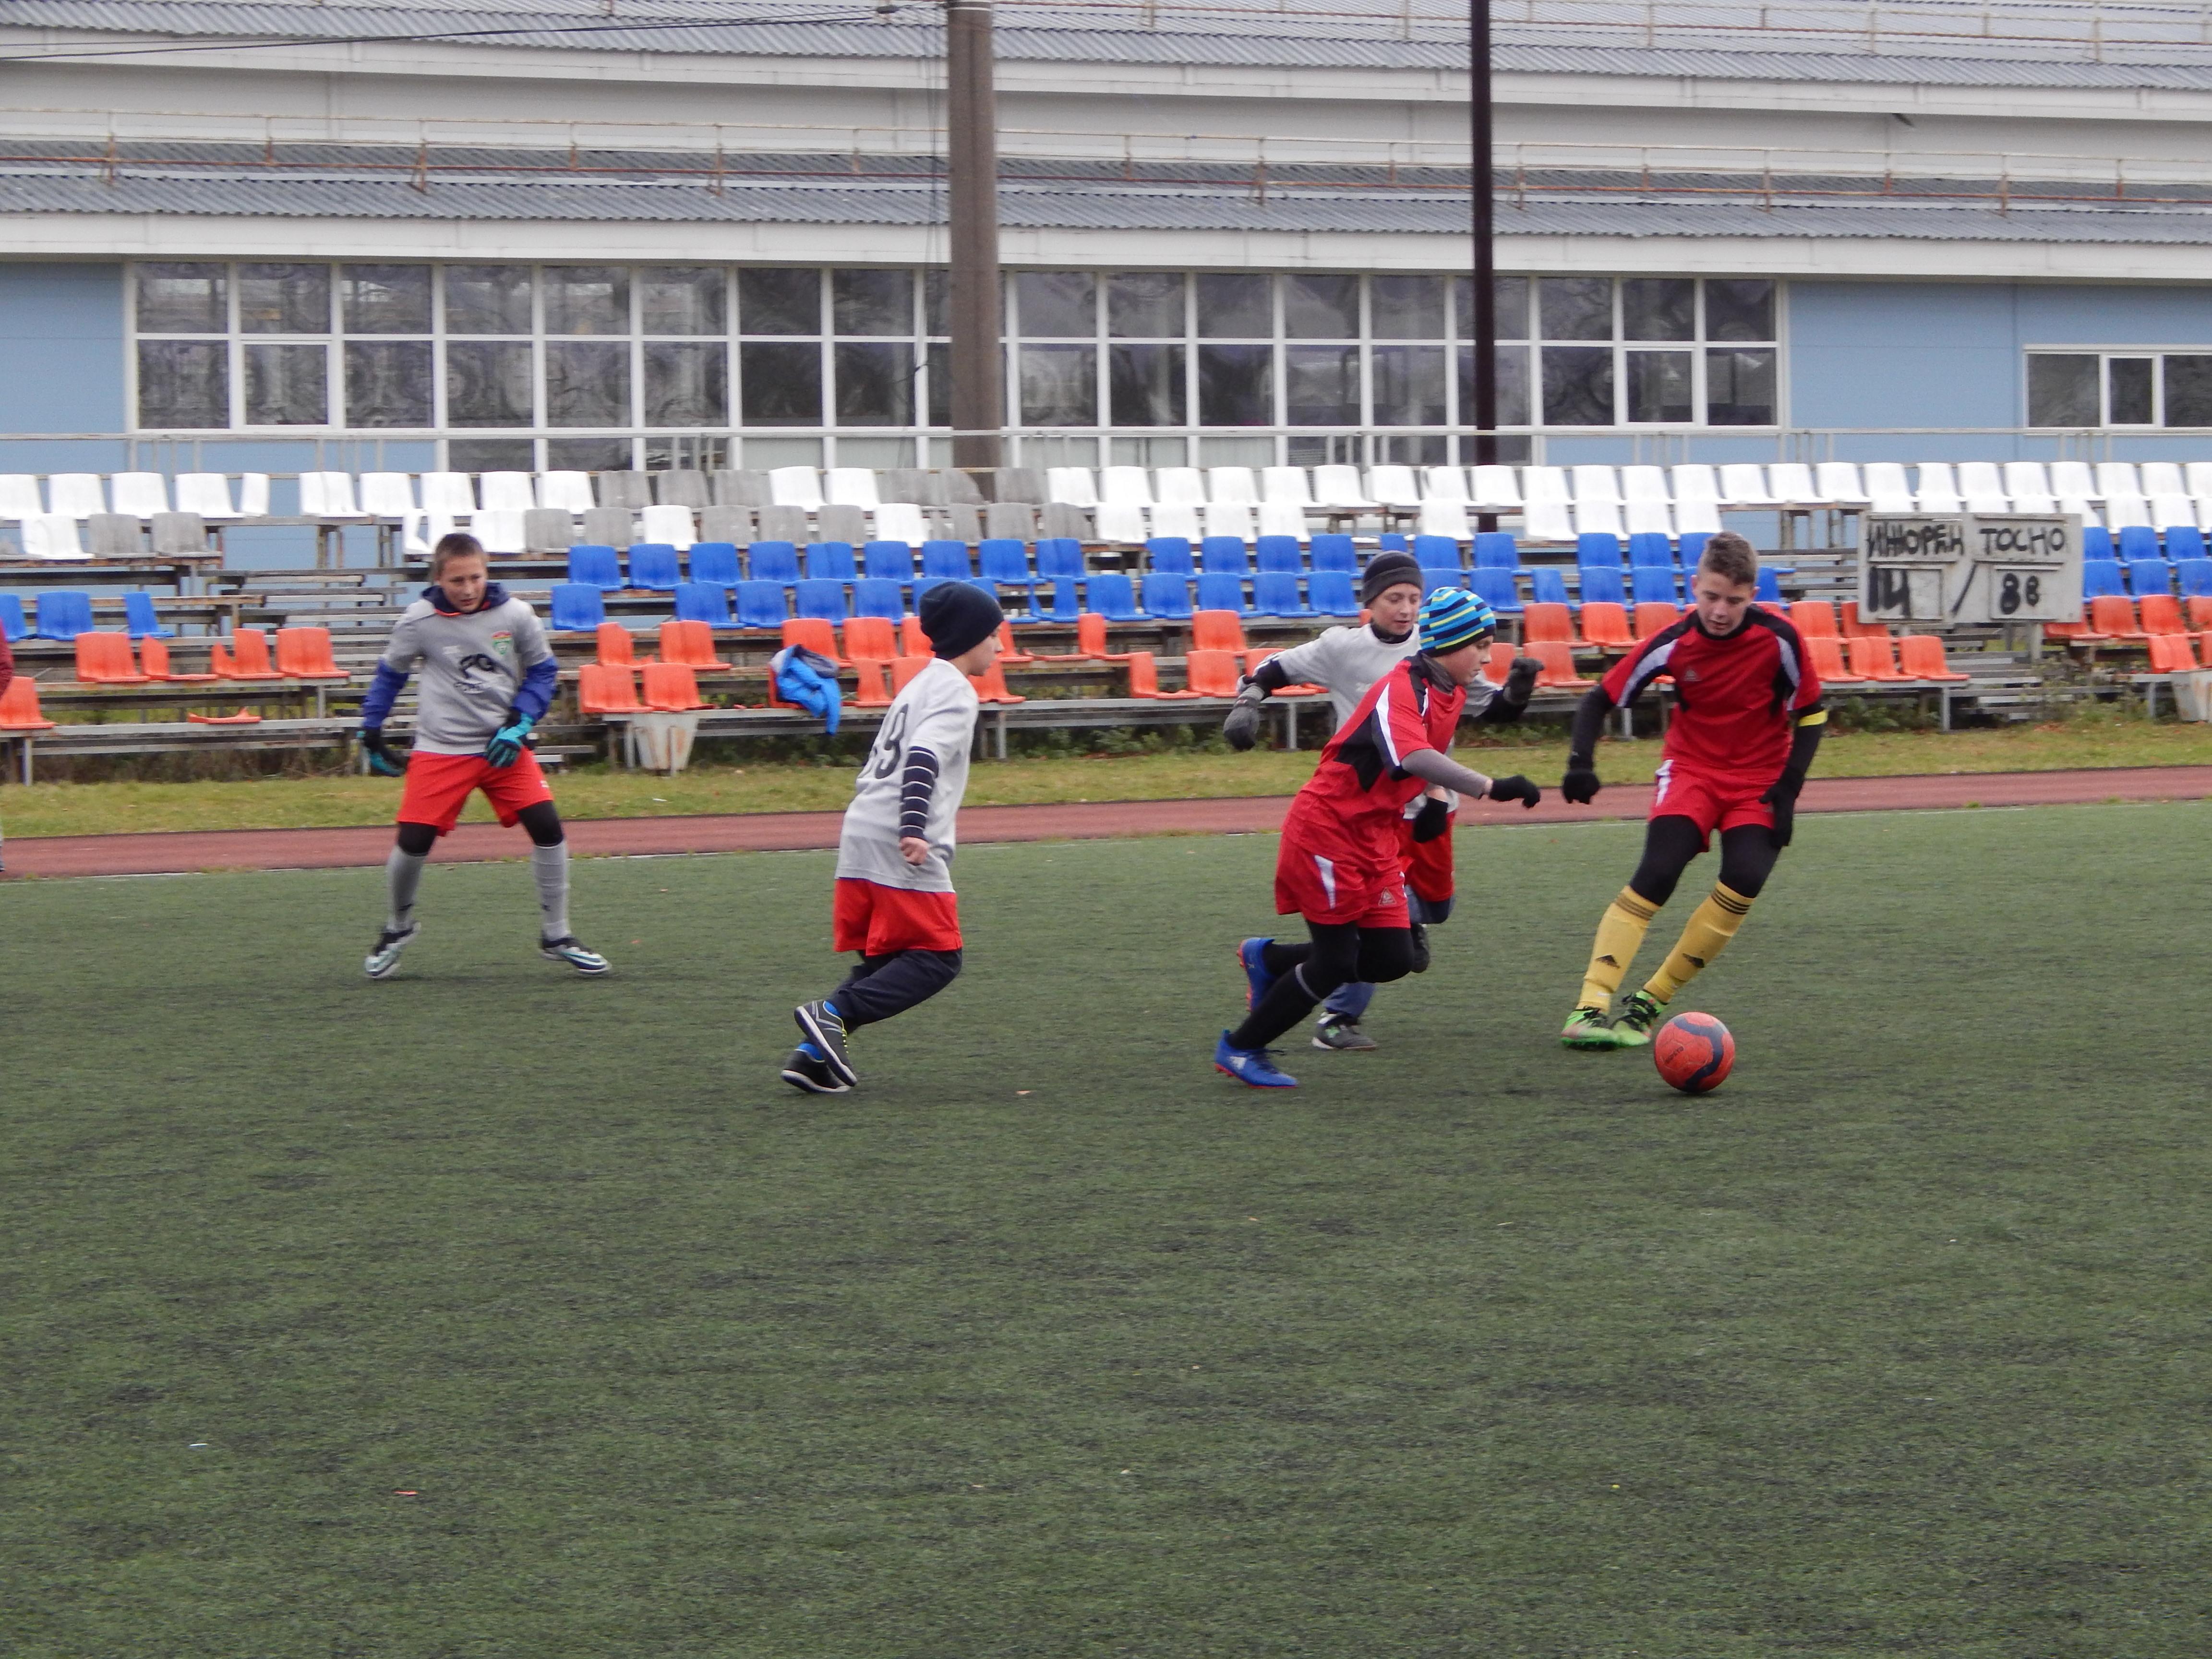 АНОНС! 54-я областная спартакиада школьников. Полуфинальные соревнования по мини-футболу